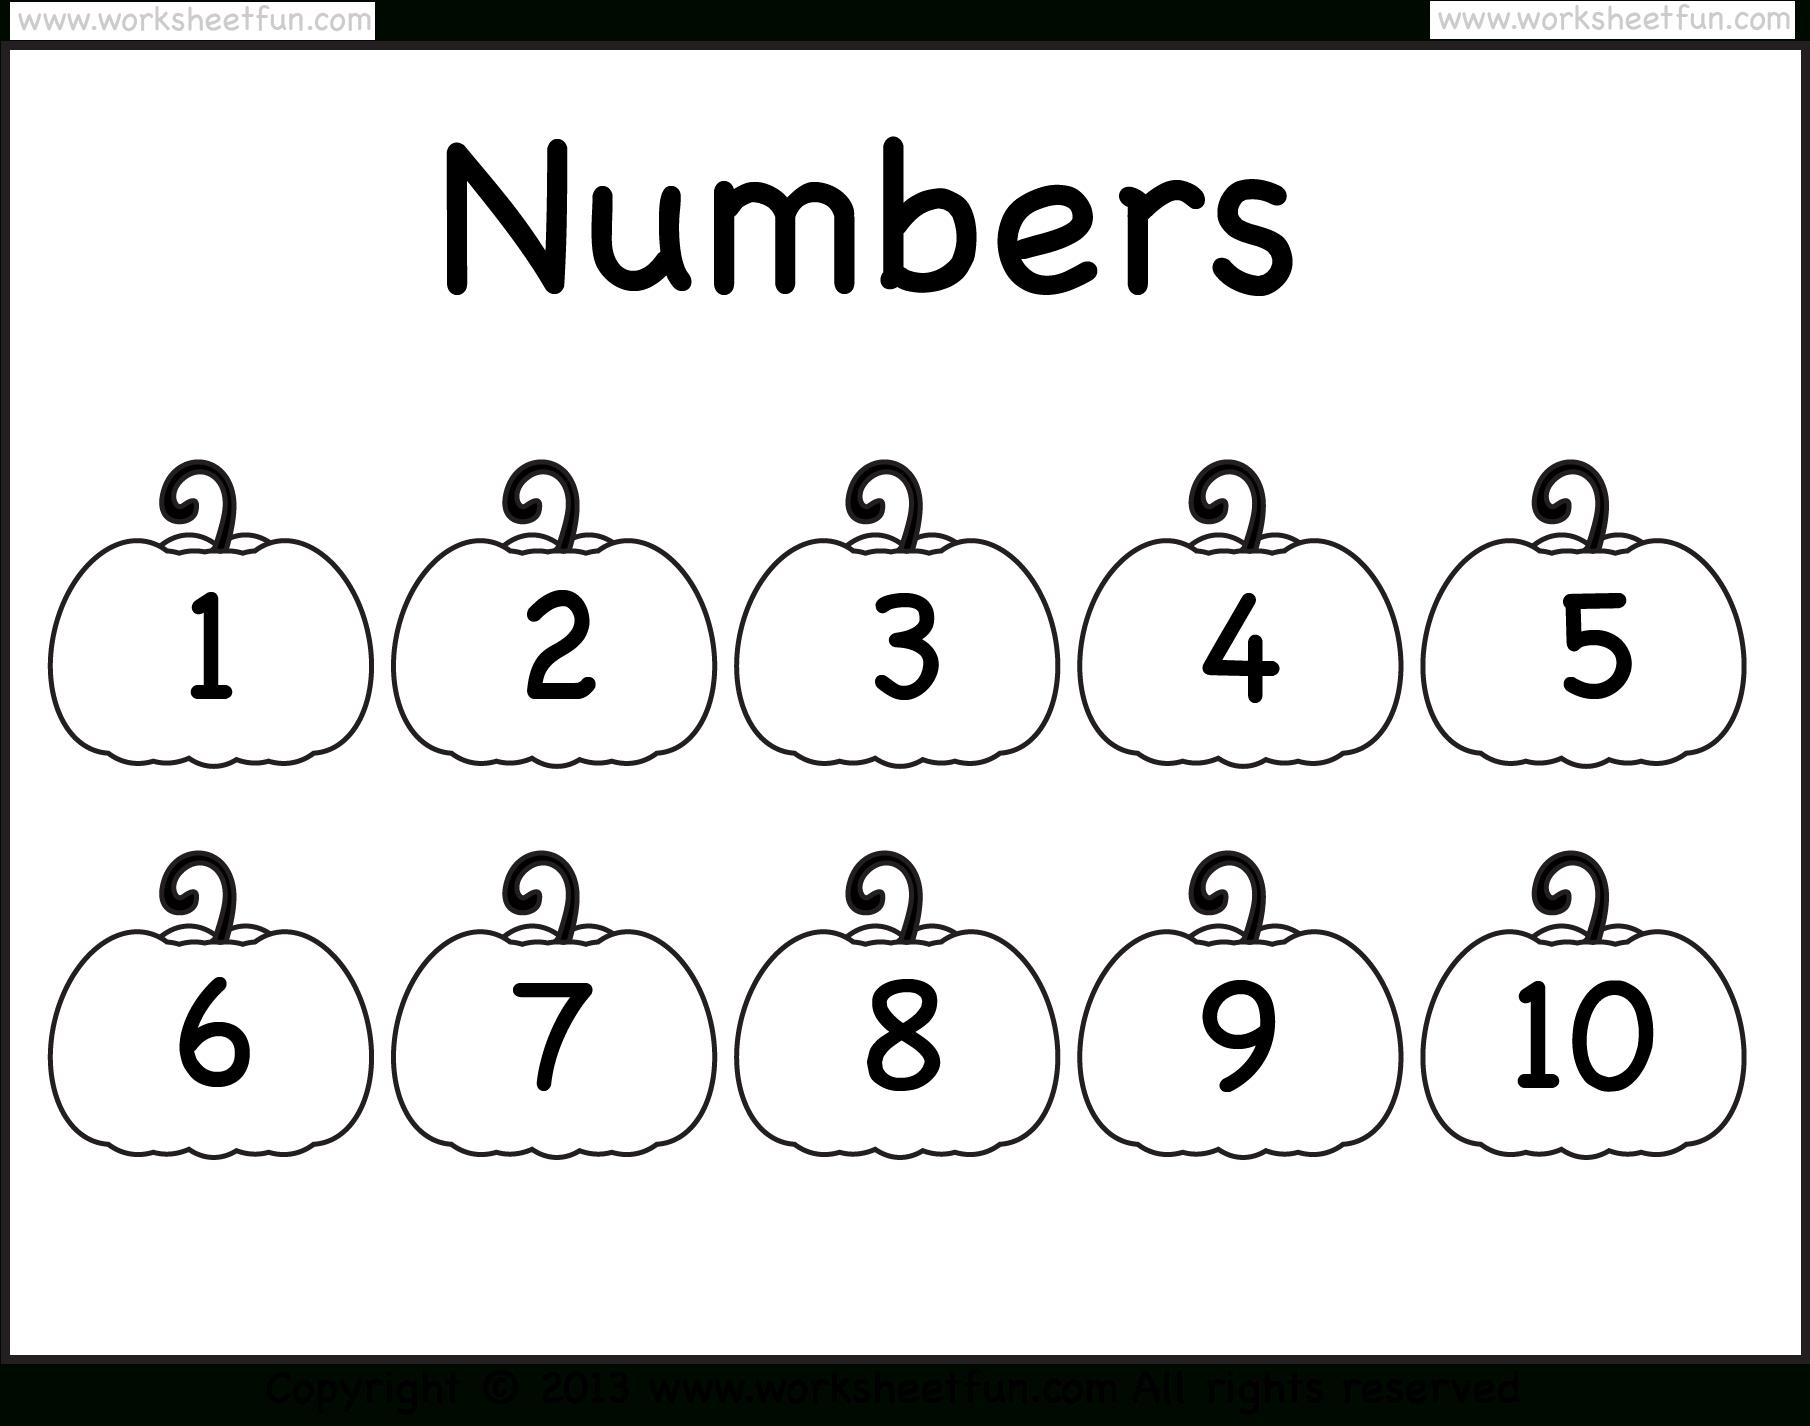 Number Chart – 1-10 – Worksheet / Free Printable Worksheets - Free Printable Number Chart 1 10